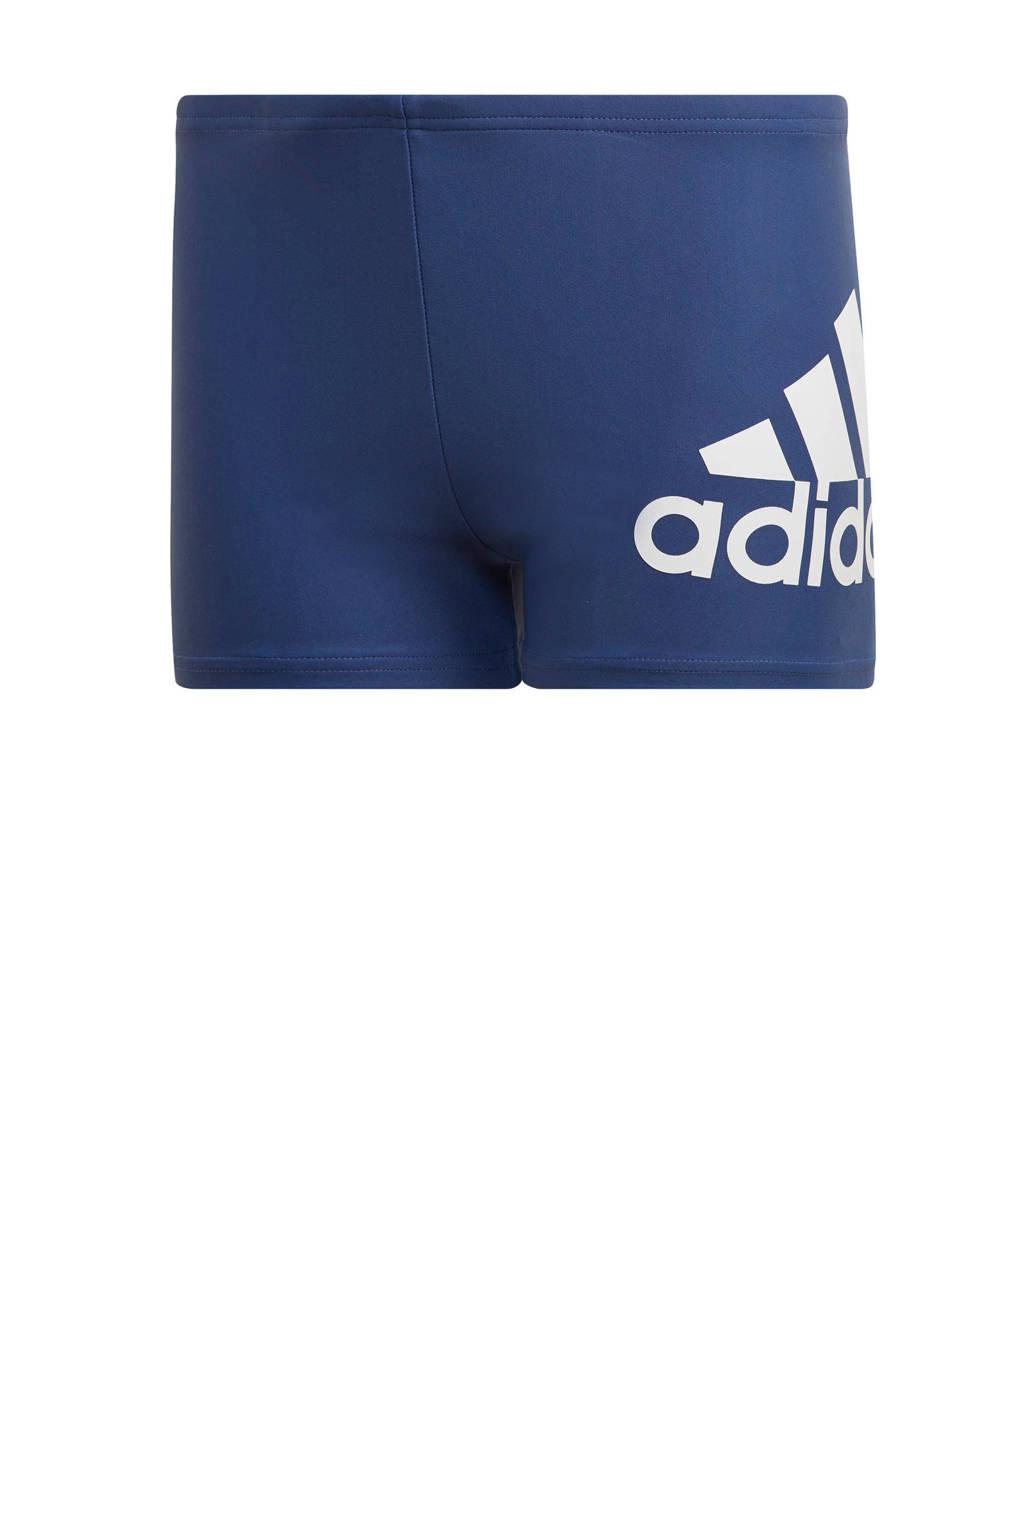 adidas Performance zwemboxer marine, Marine/wit